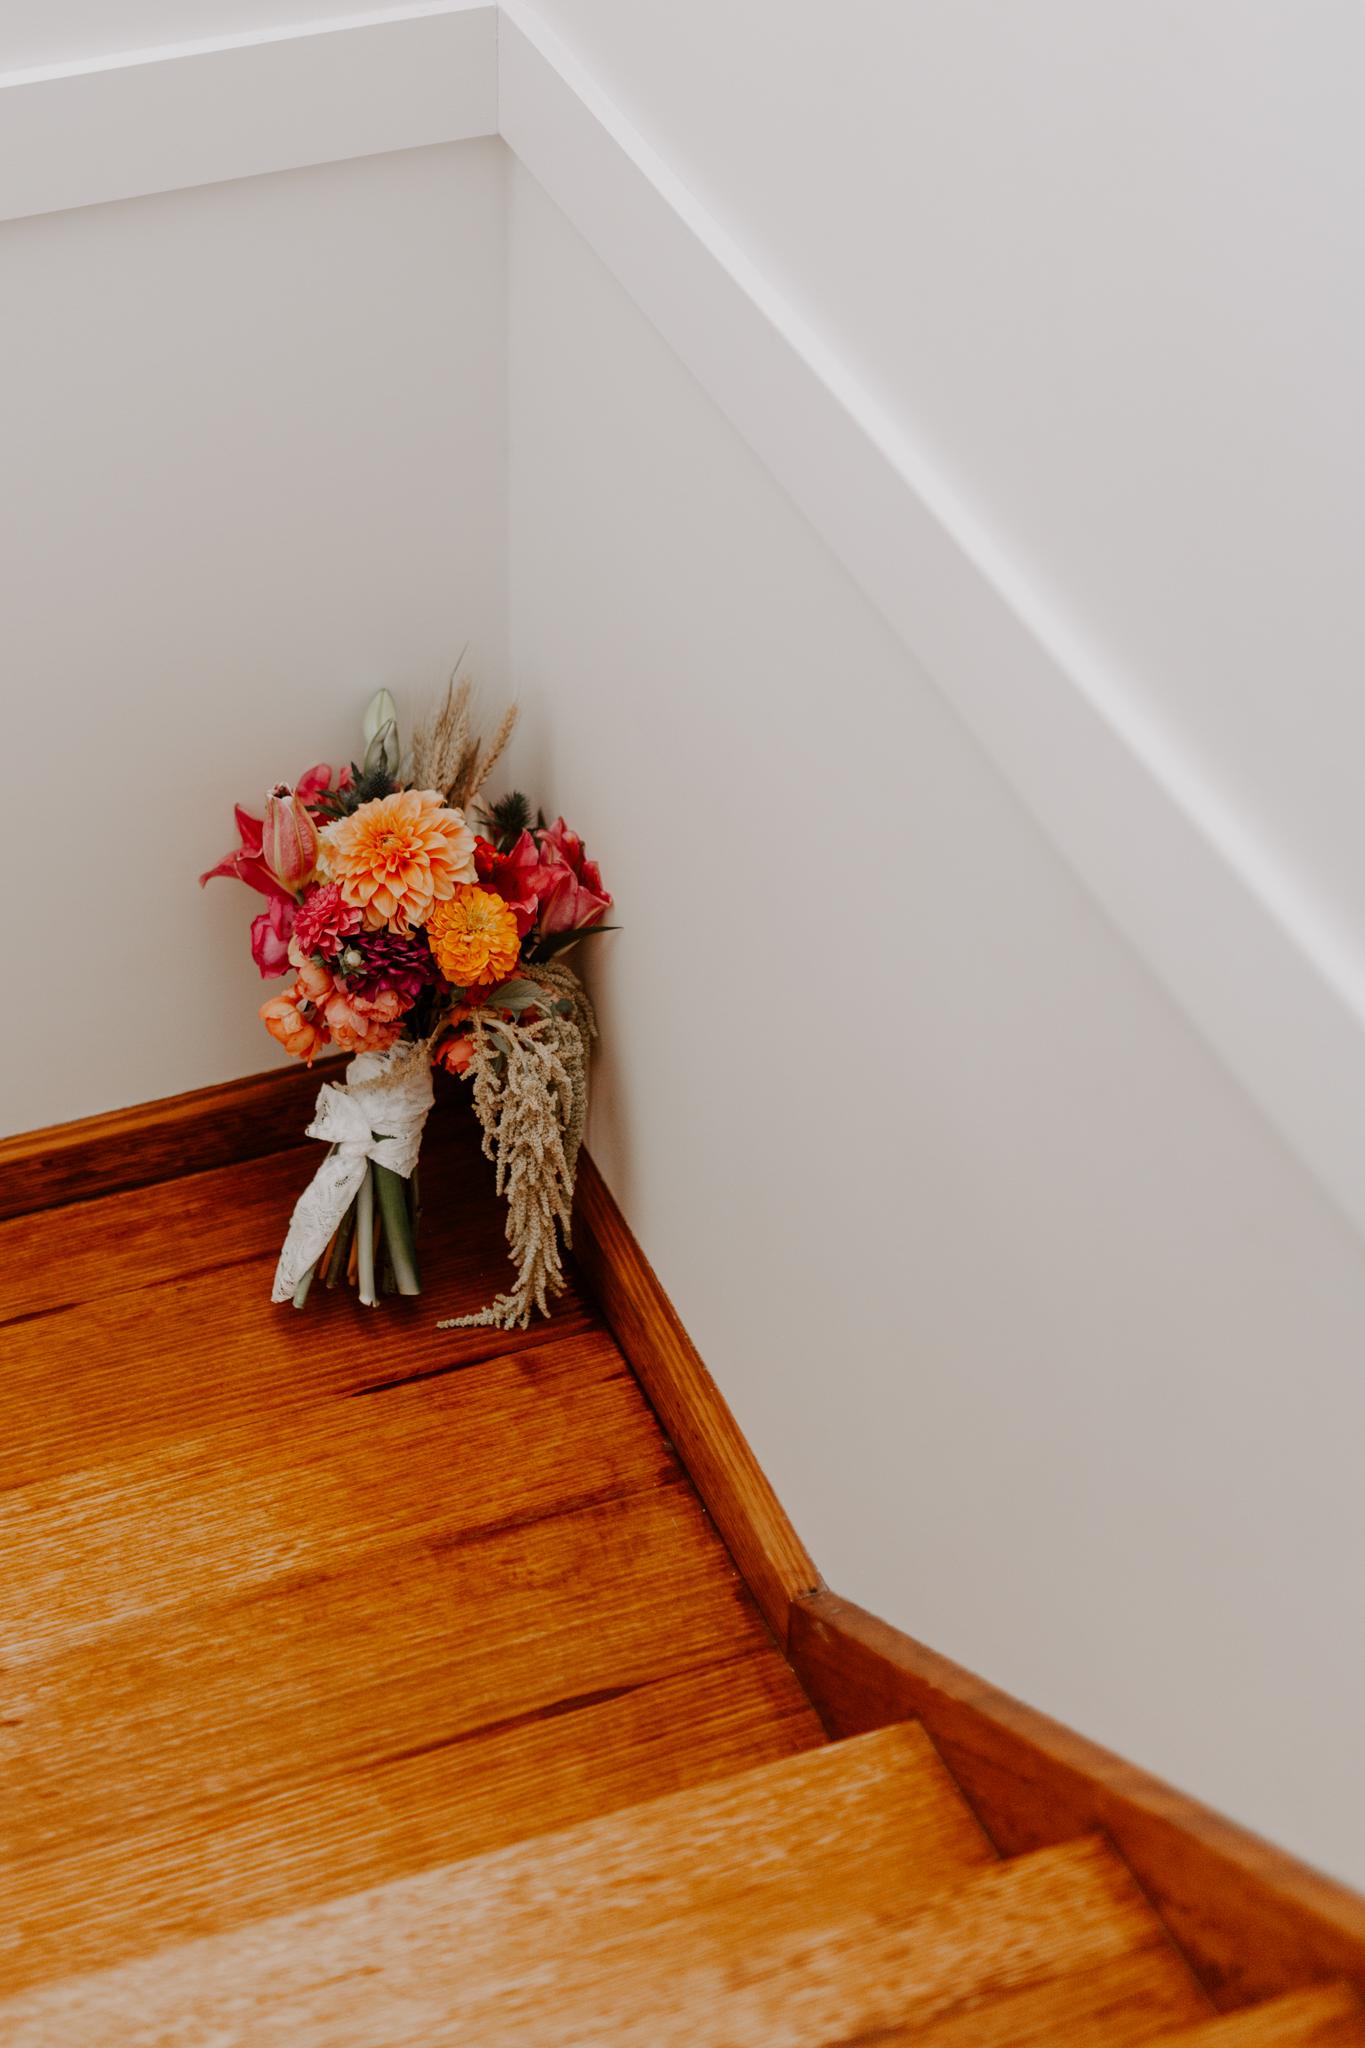 Barwon-heads-Geelong-Wedding-Emotionsandmath-022.jpg